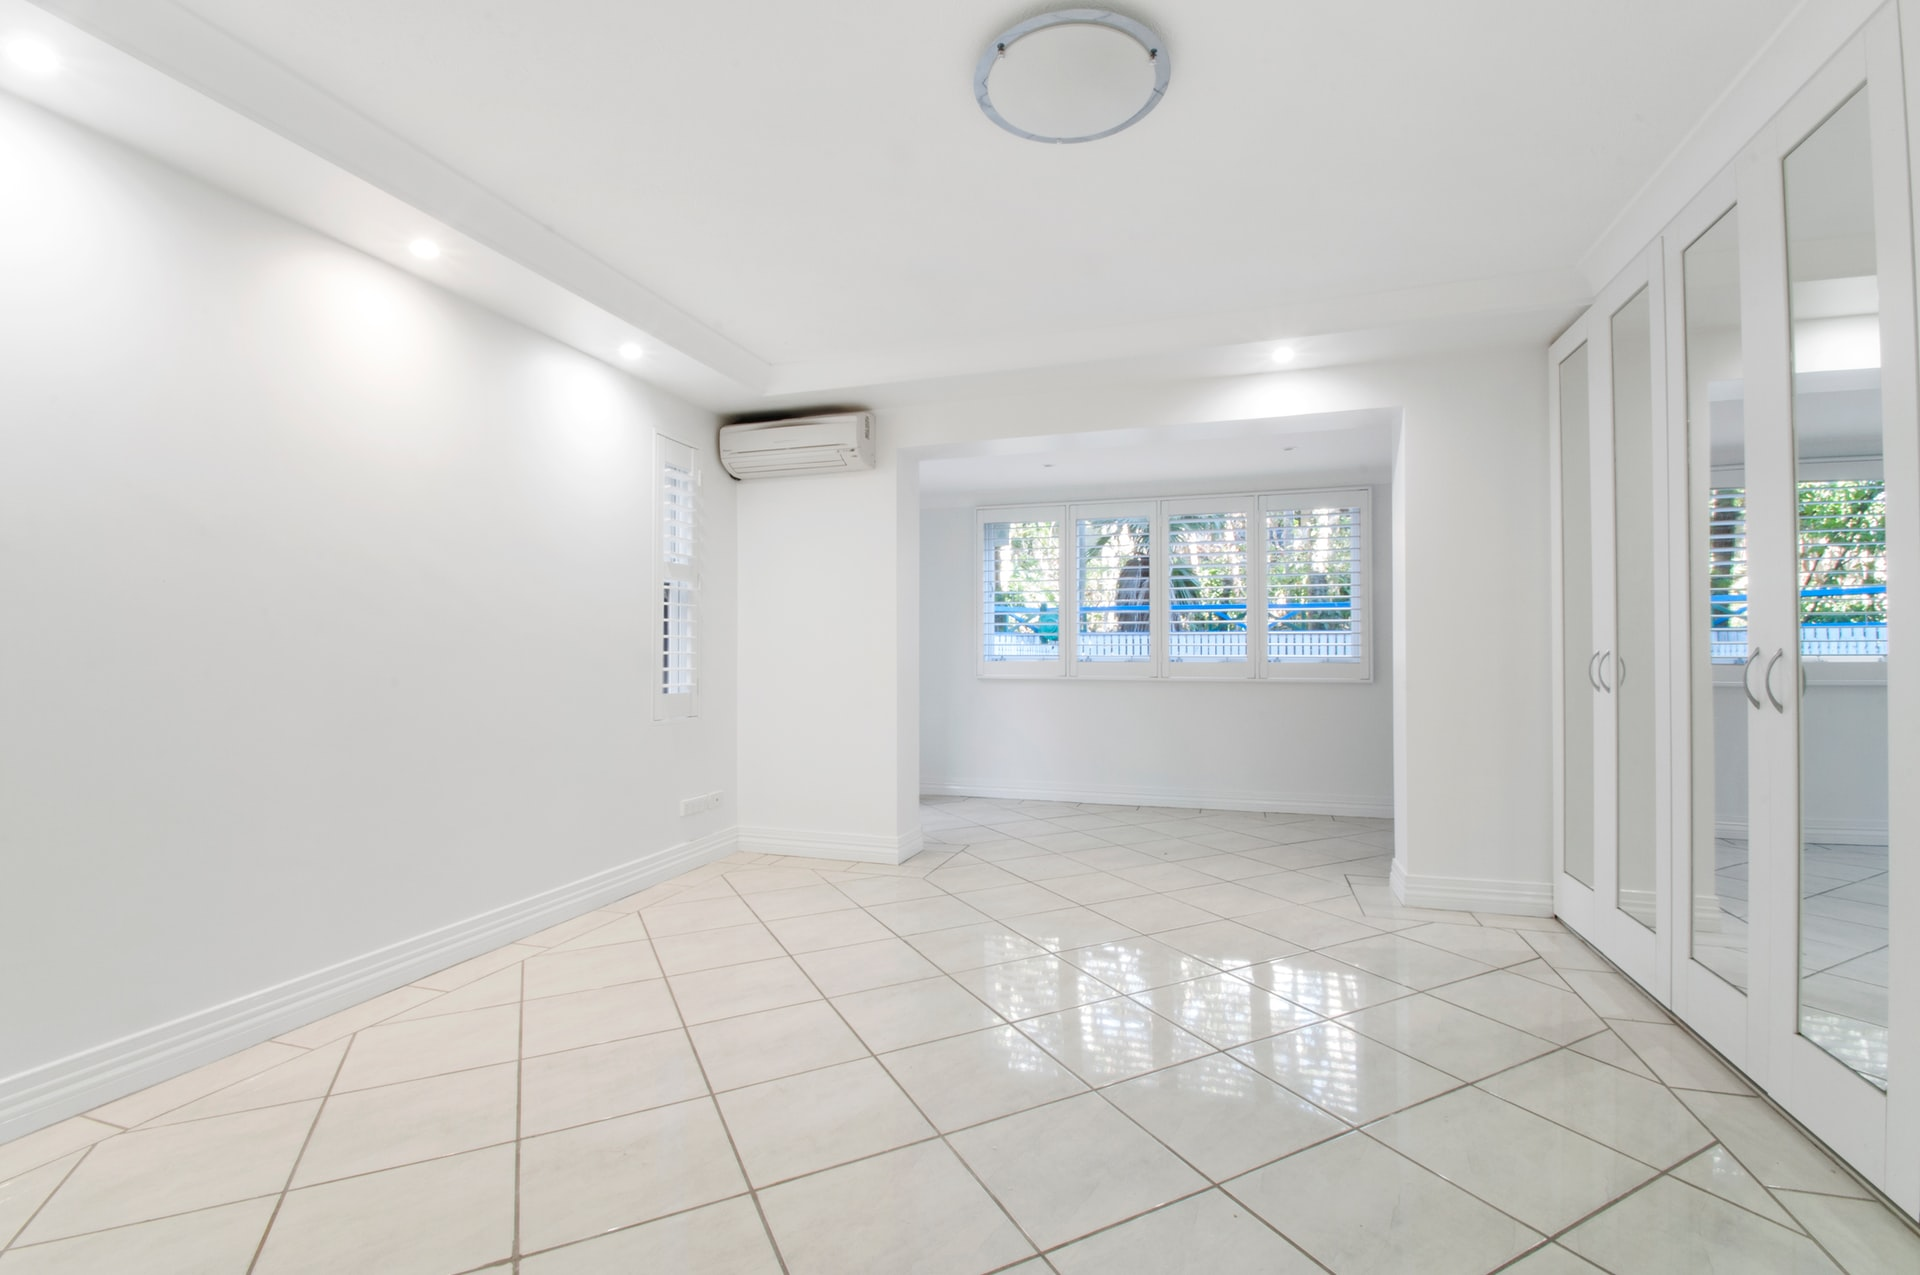 leegstaande kamer met tegels